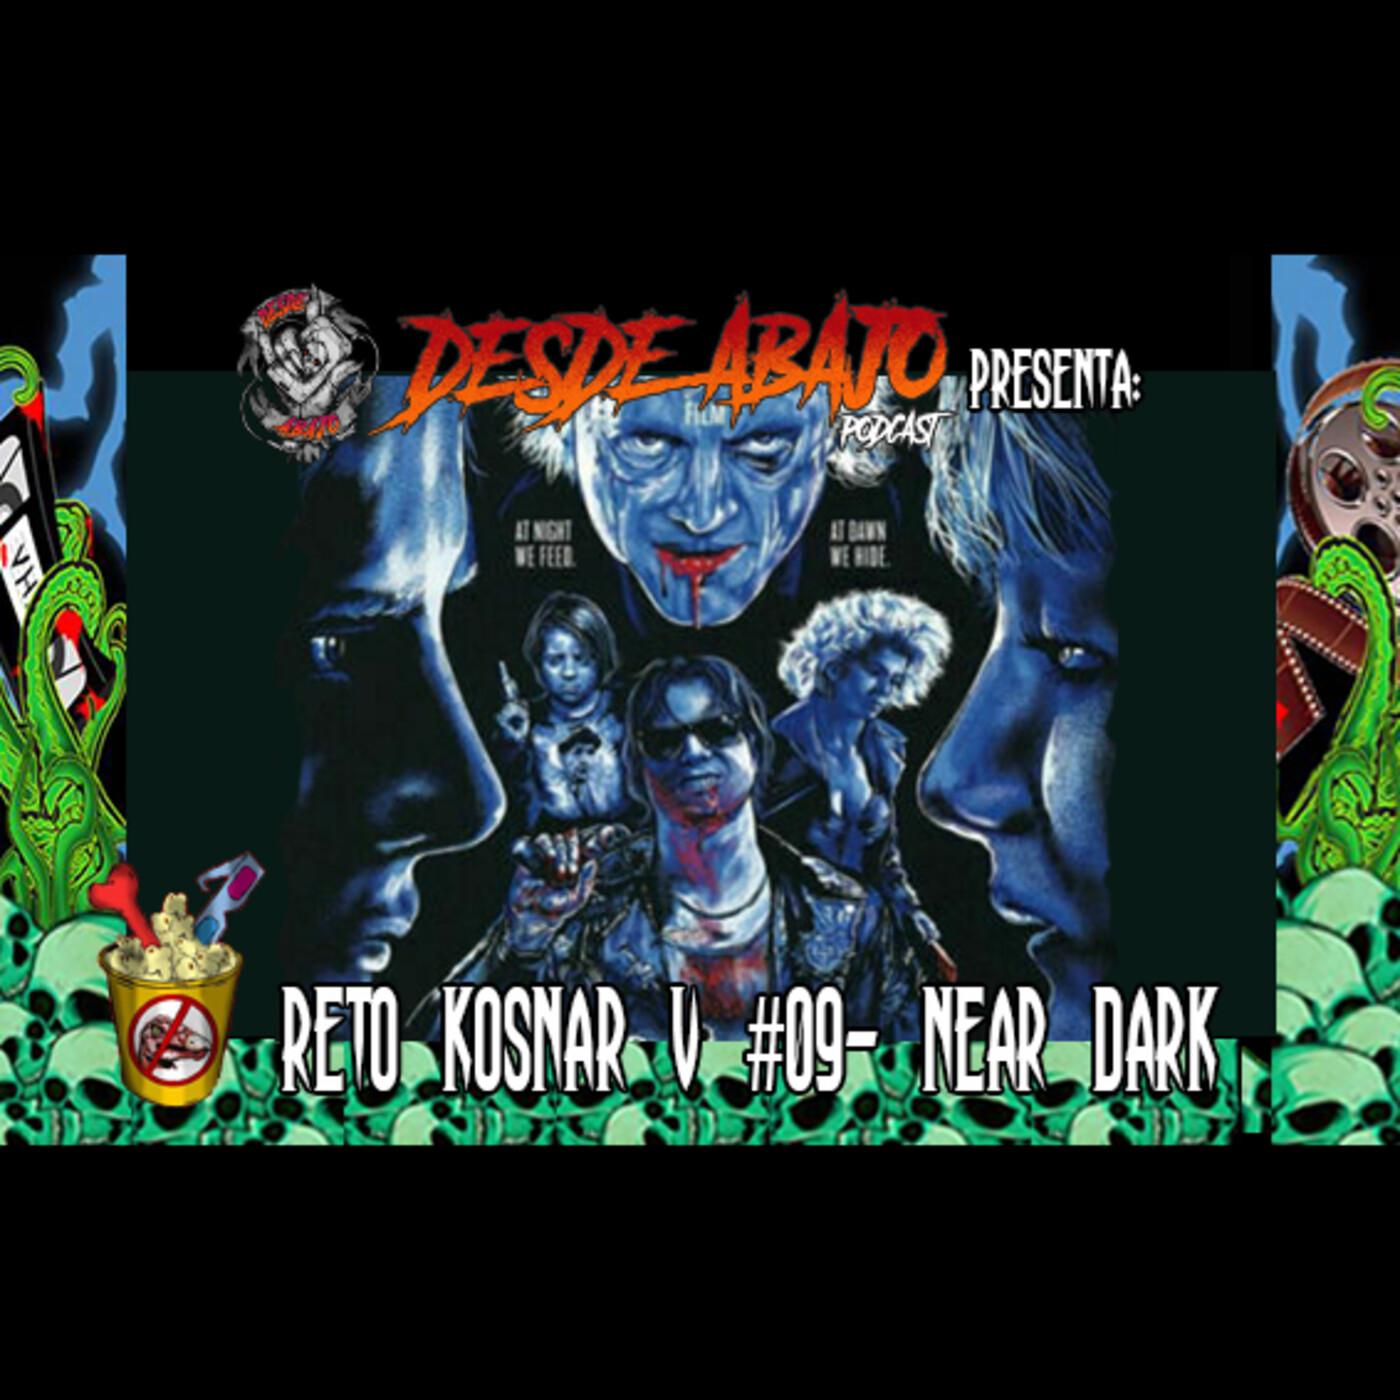 Reto Kosnar V #09- Near Dark